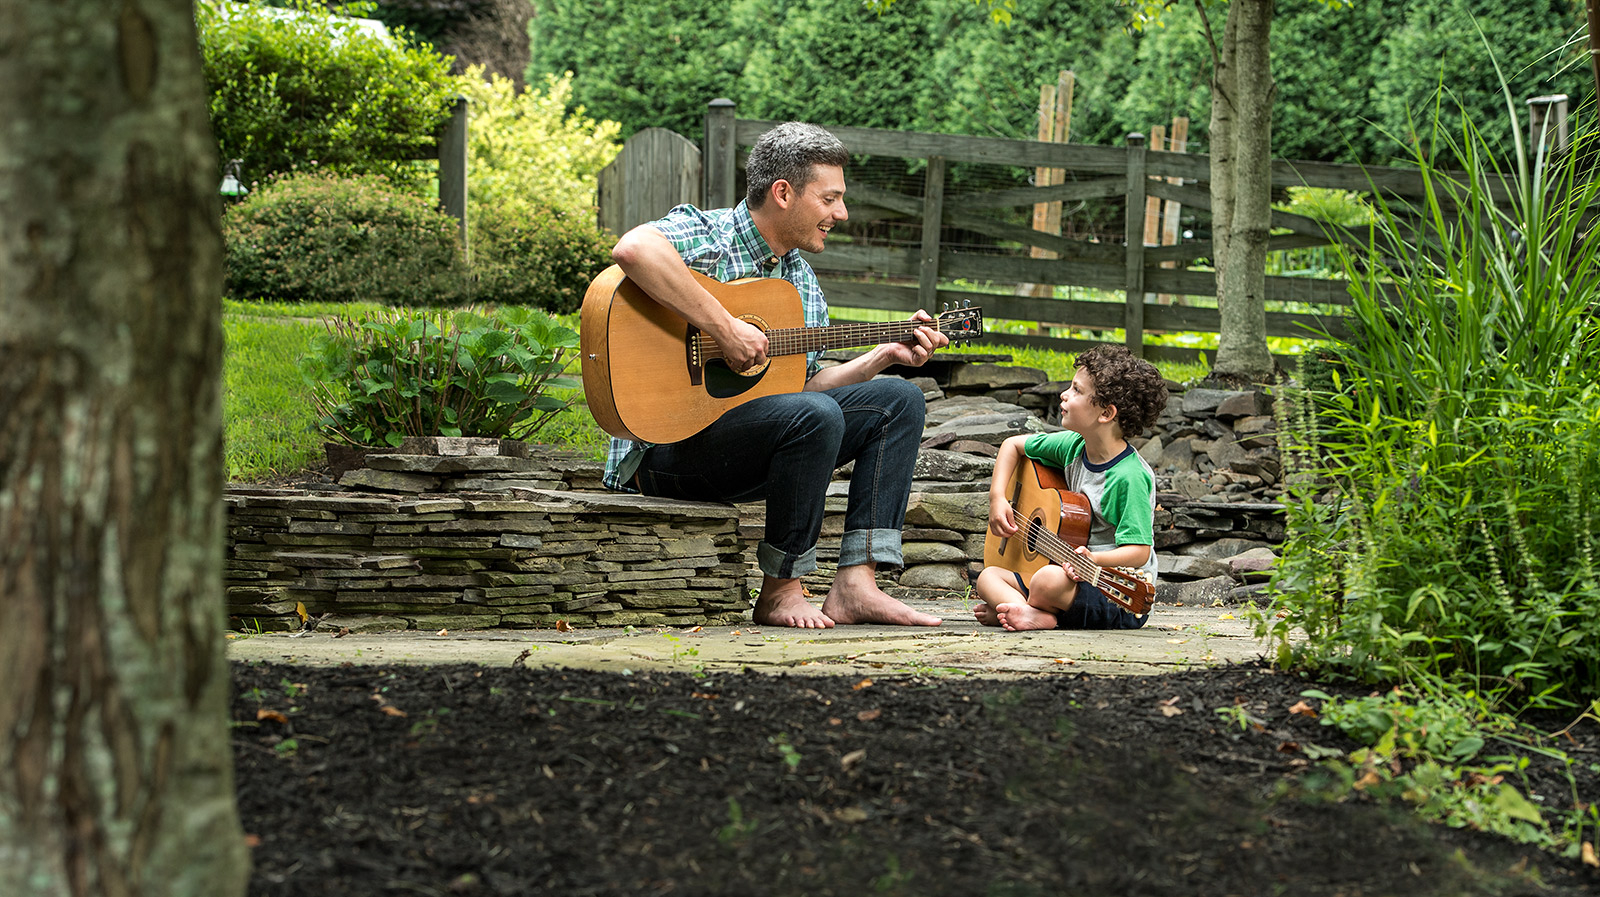 guitar_outside.jpg